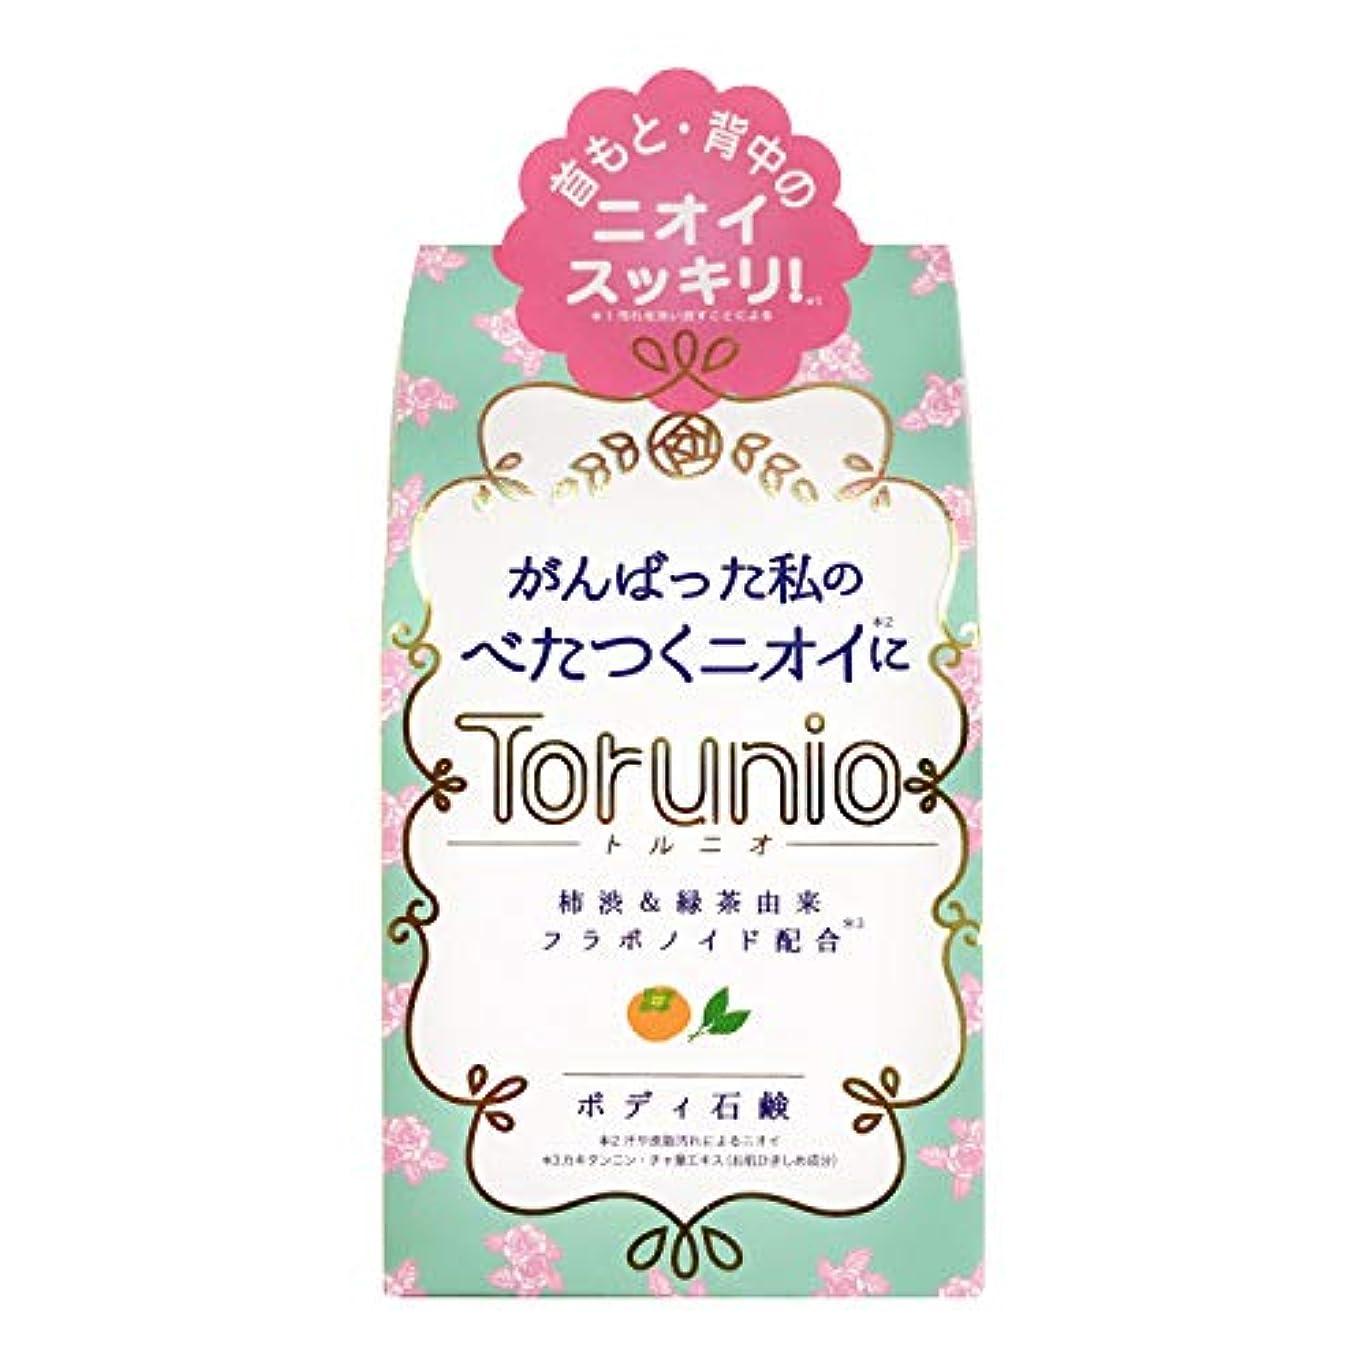 父方の抑制する適格Torunio(トルニオ)石鹸 100g